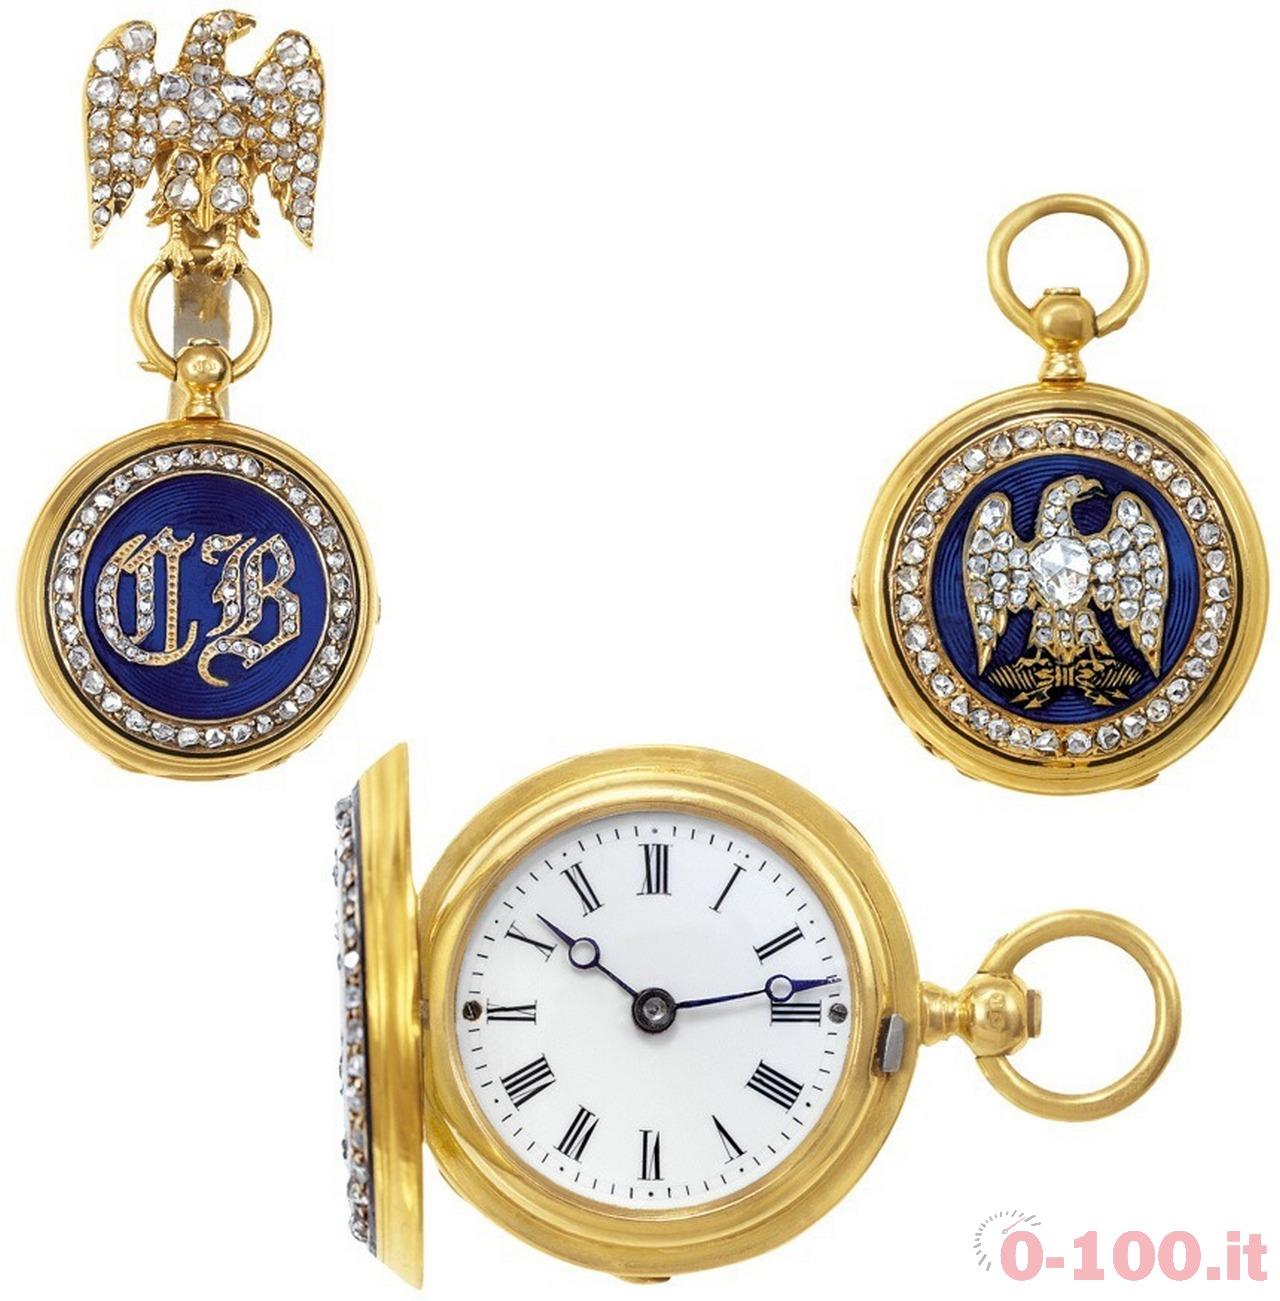 czapek-cie-quai-des-bergues-collection-prezzo-price_0-1009